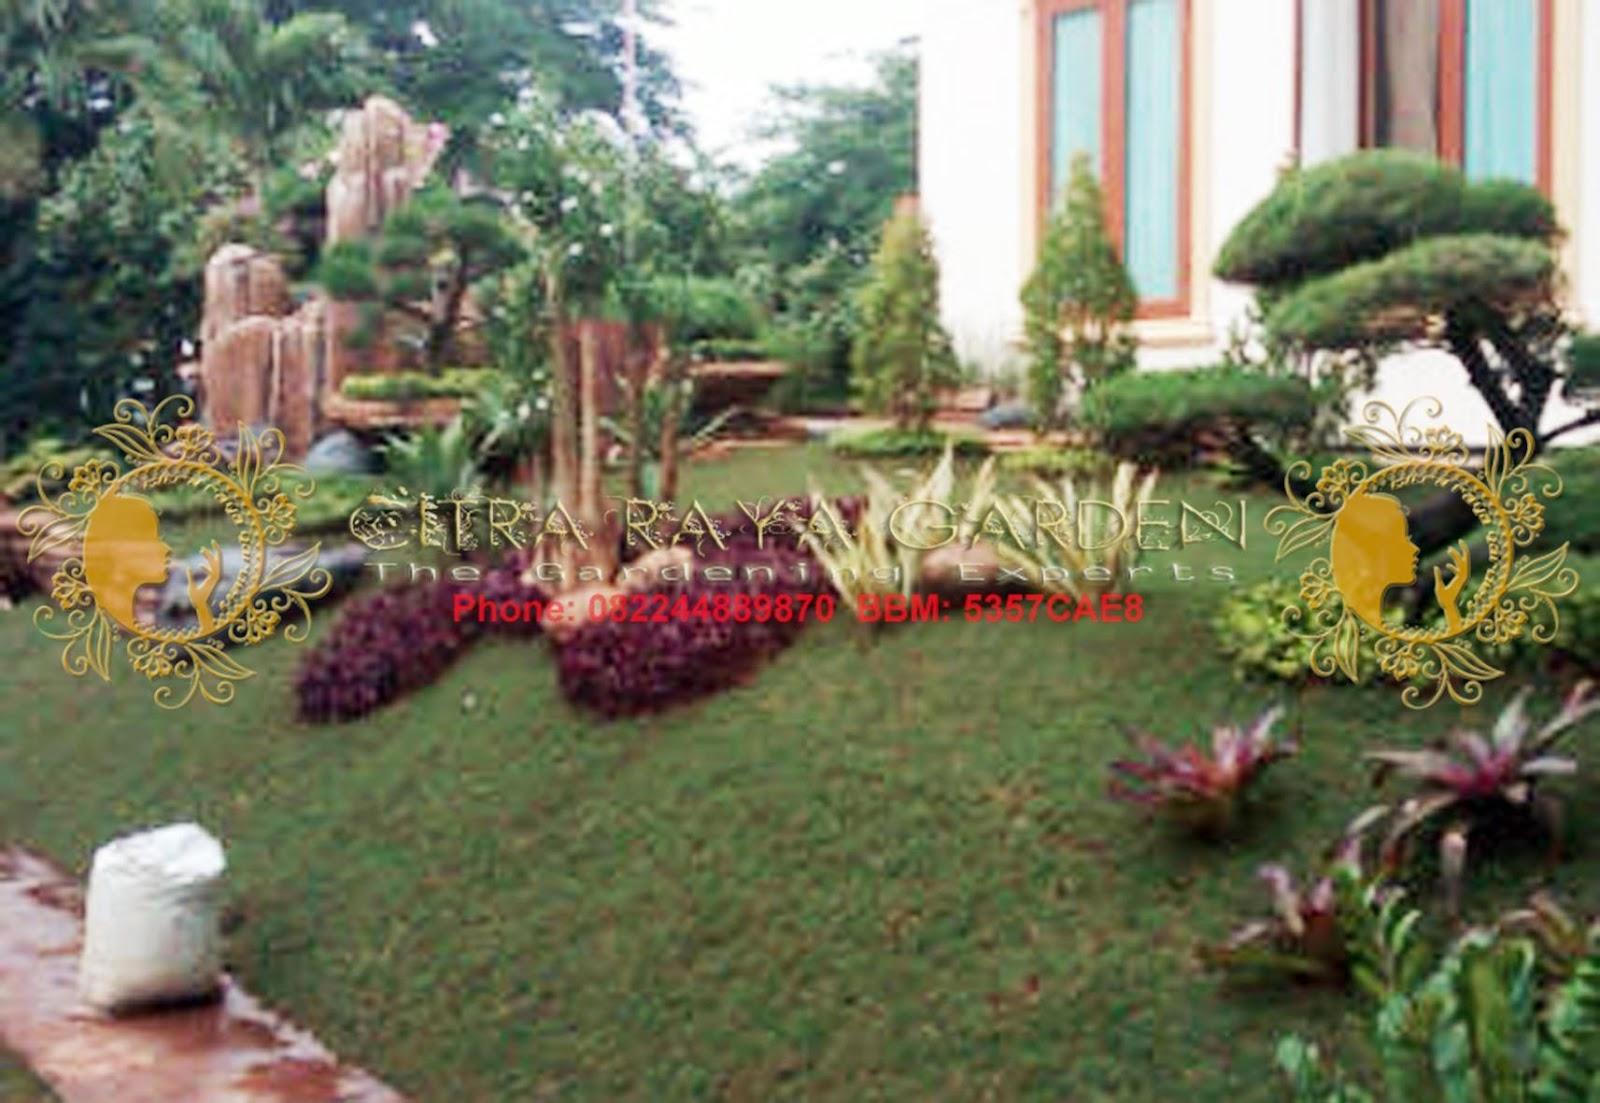 Desain Taman Jepang Citra Raya Garden